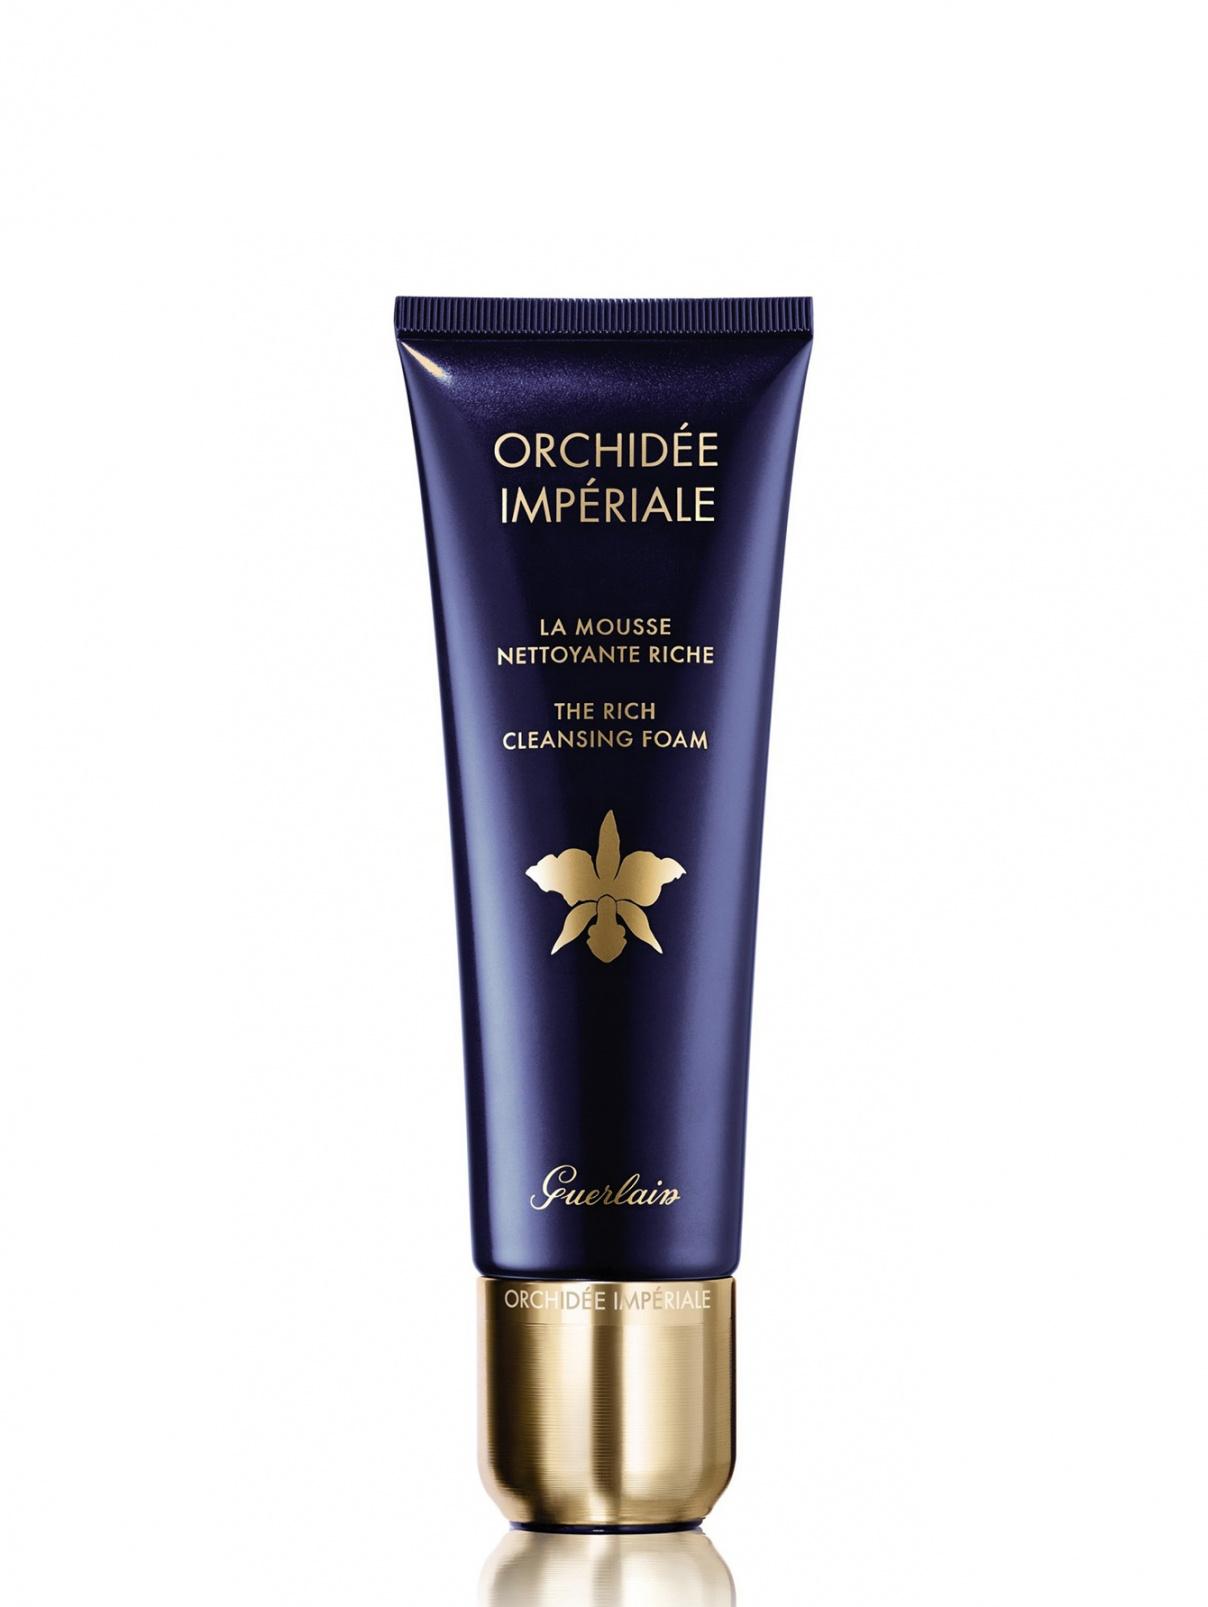 Гель-пенка для лица Orchidee Imperiale, 125 мл Guerlain  –  Общий вид